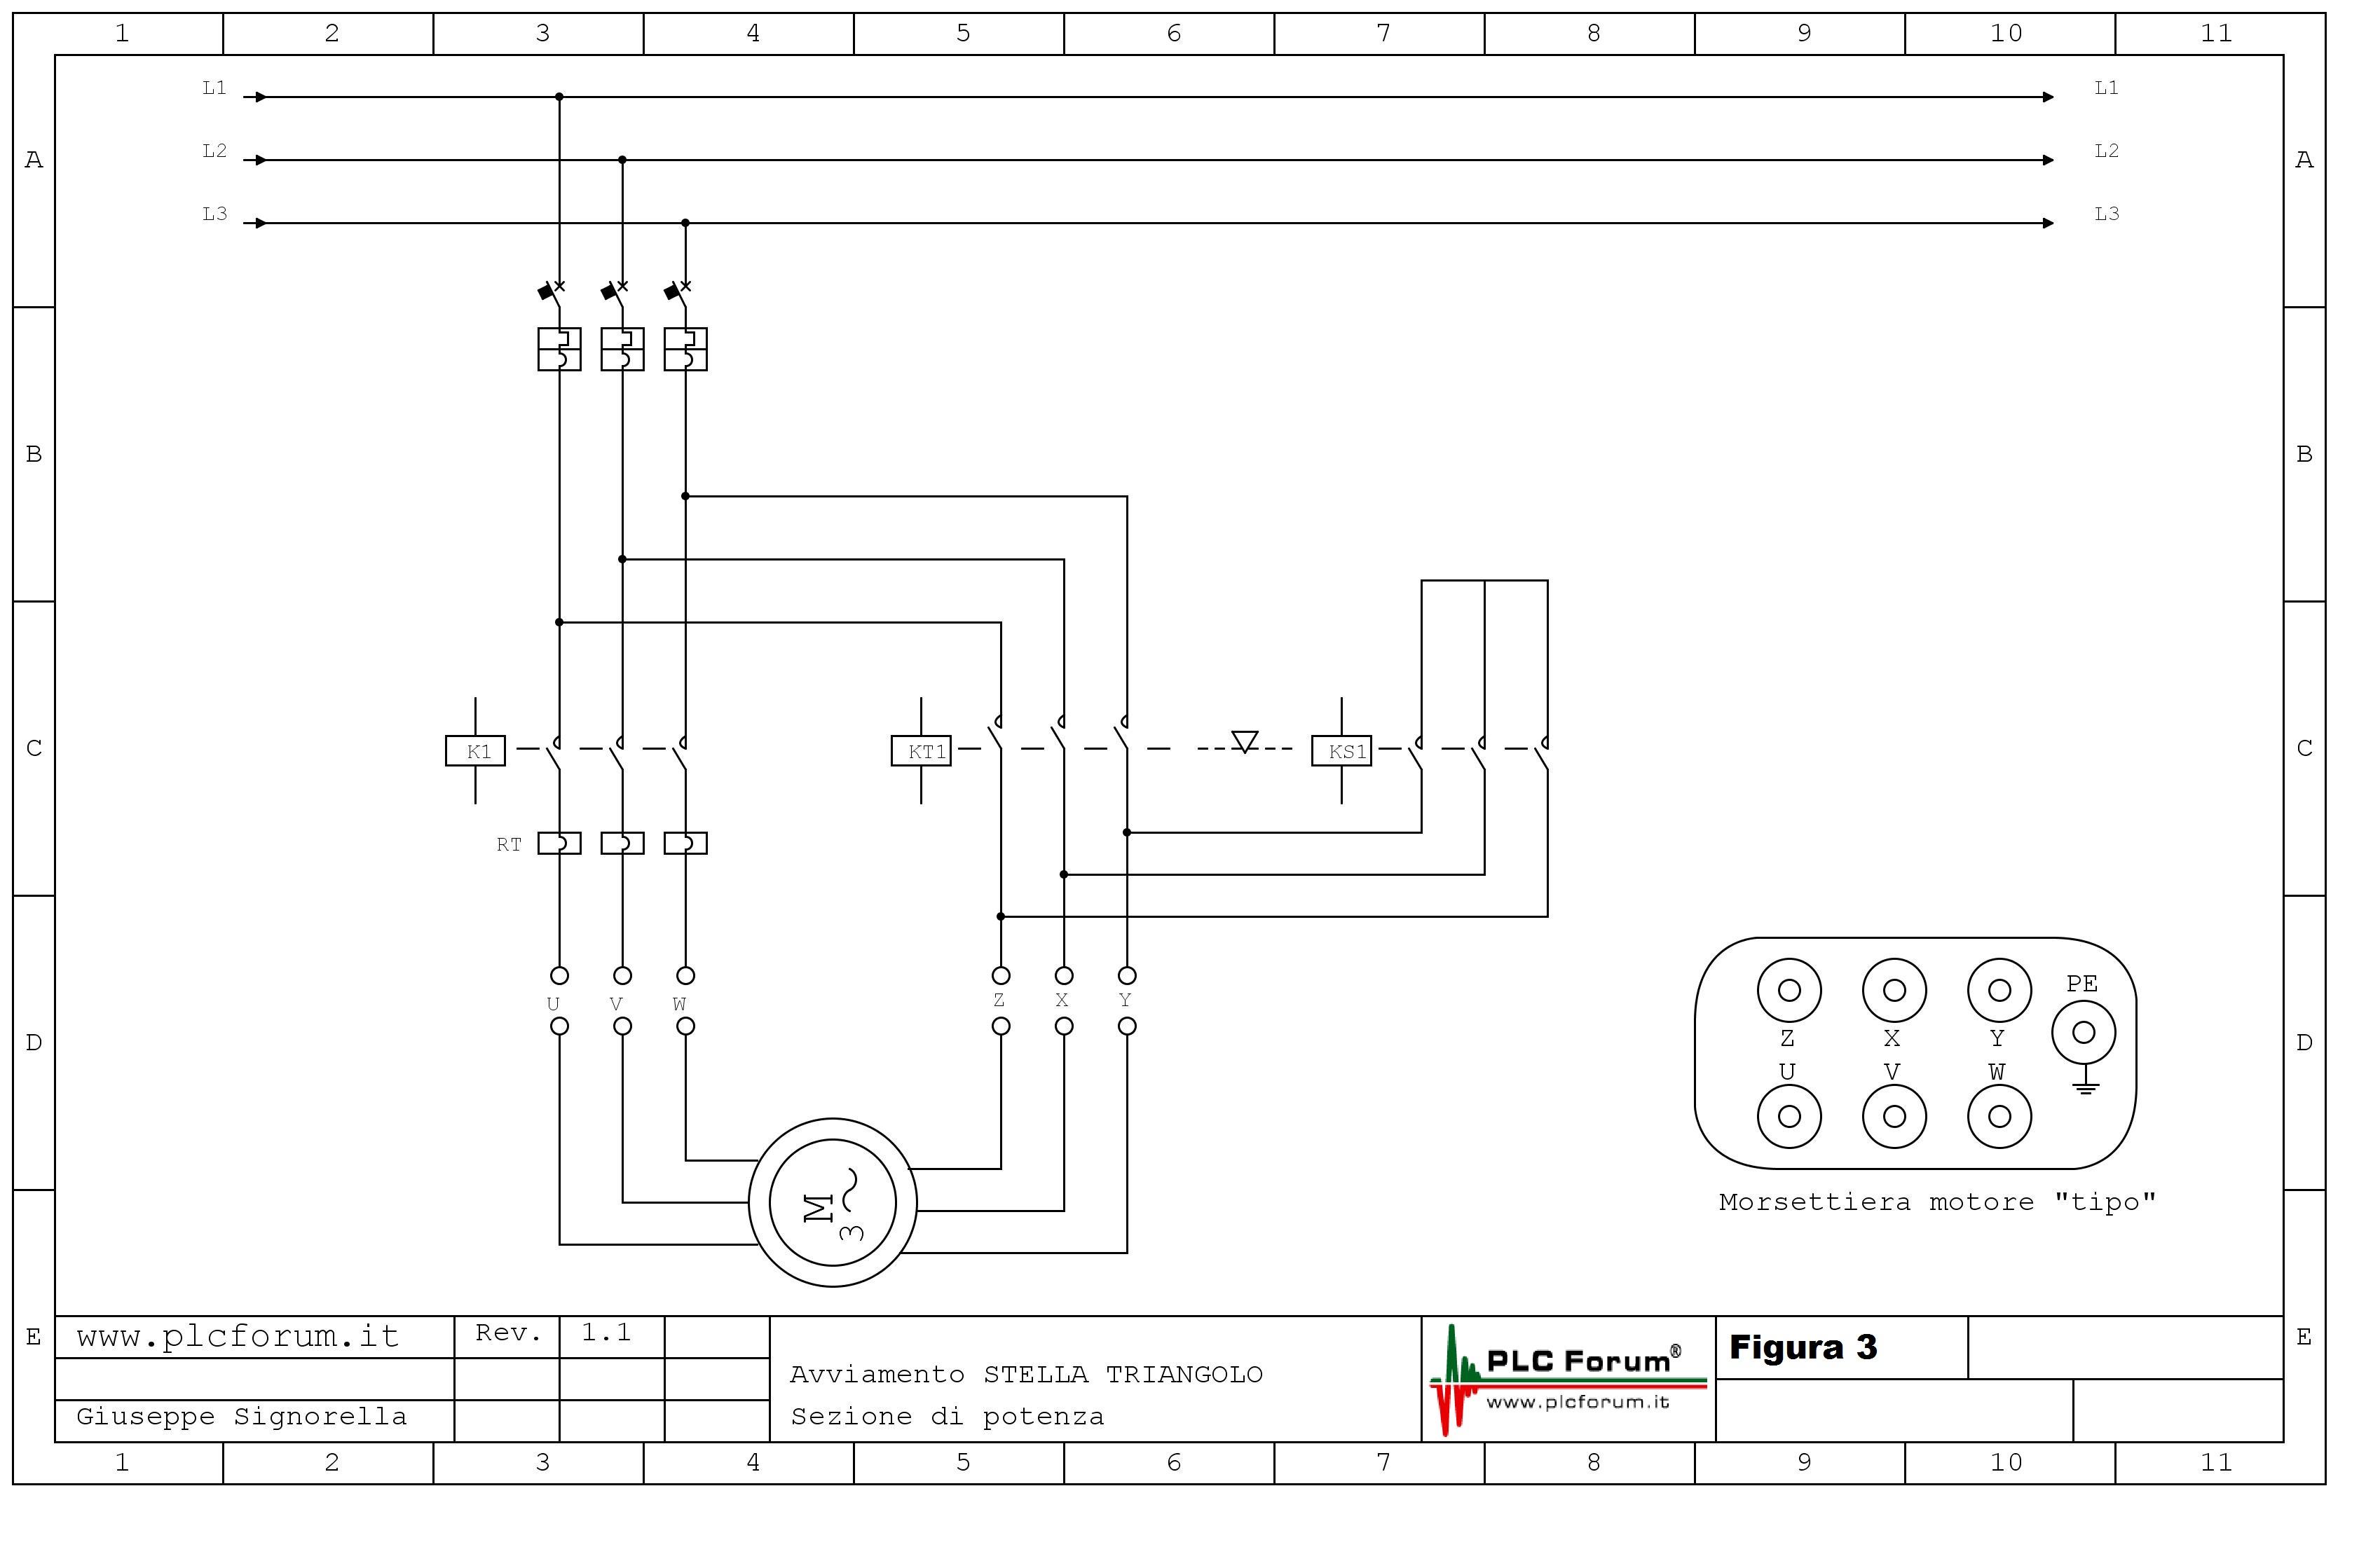 Schema Elettrico Per Avviamento Stella Triangolo : Schema elettrico avviamento motore stella triangolo car